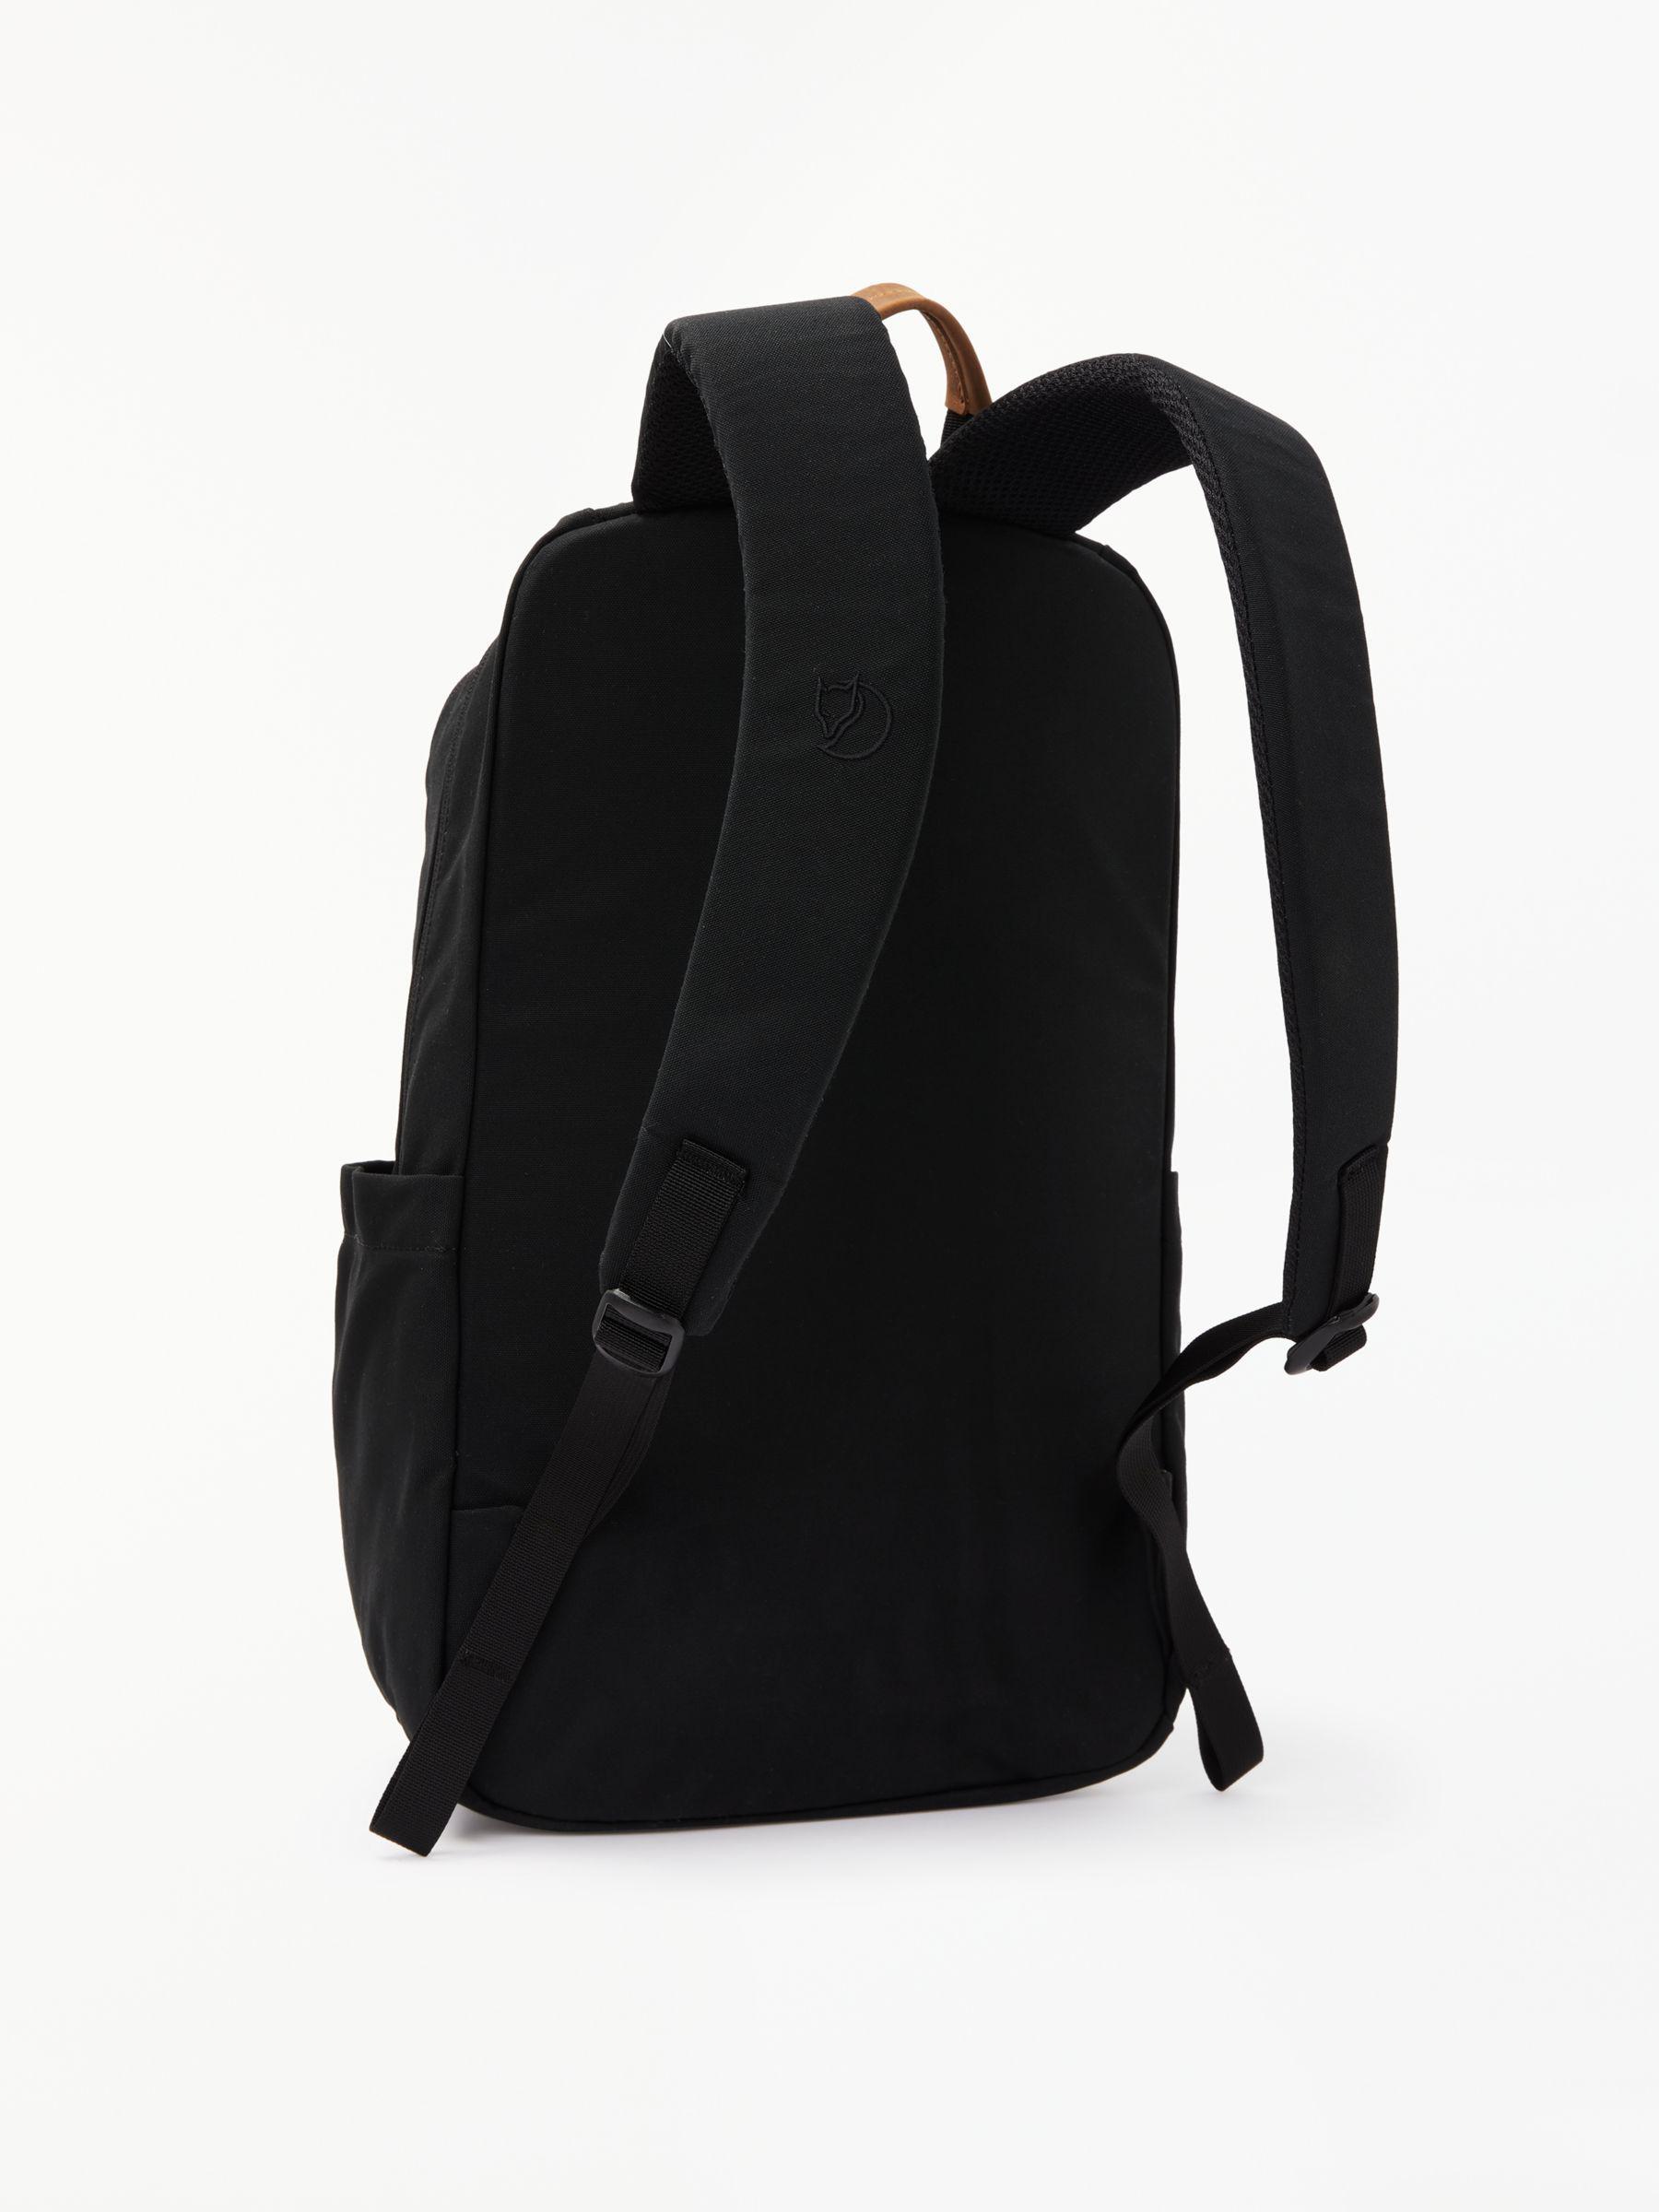 bf3778f22ef27 Fjallraven Raven 20l Backpack in Black - Lyst